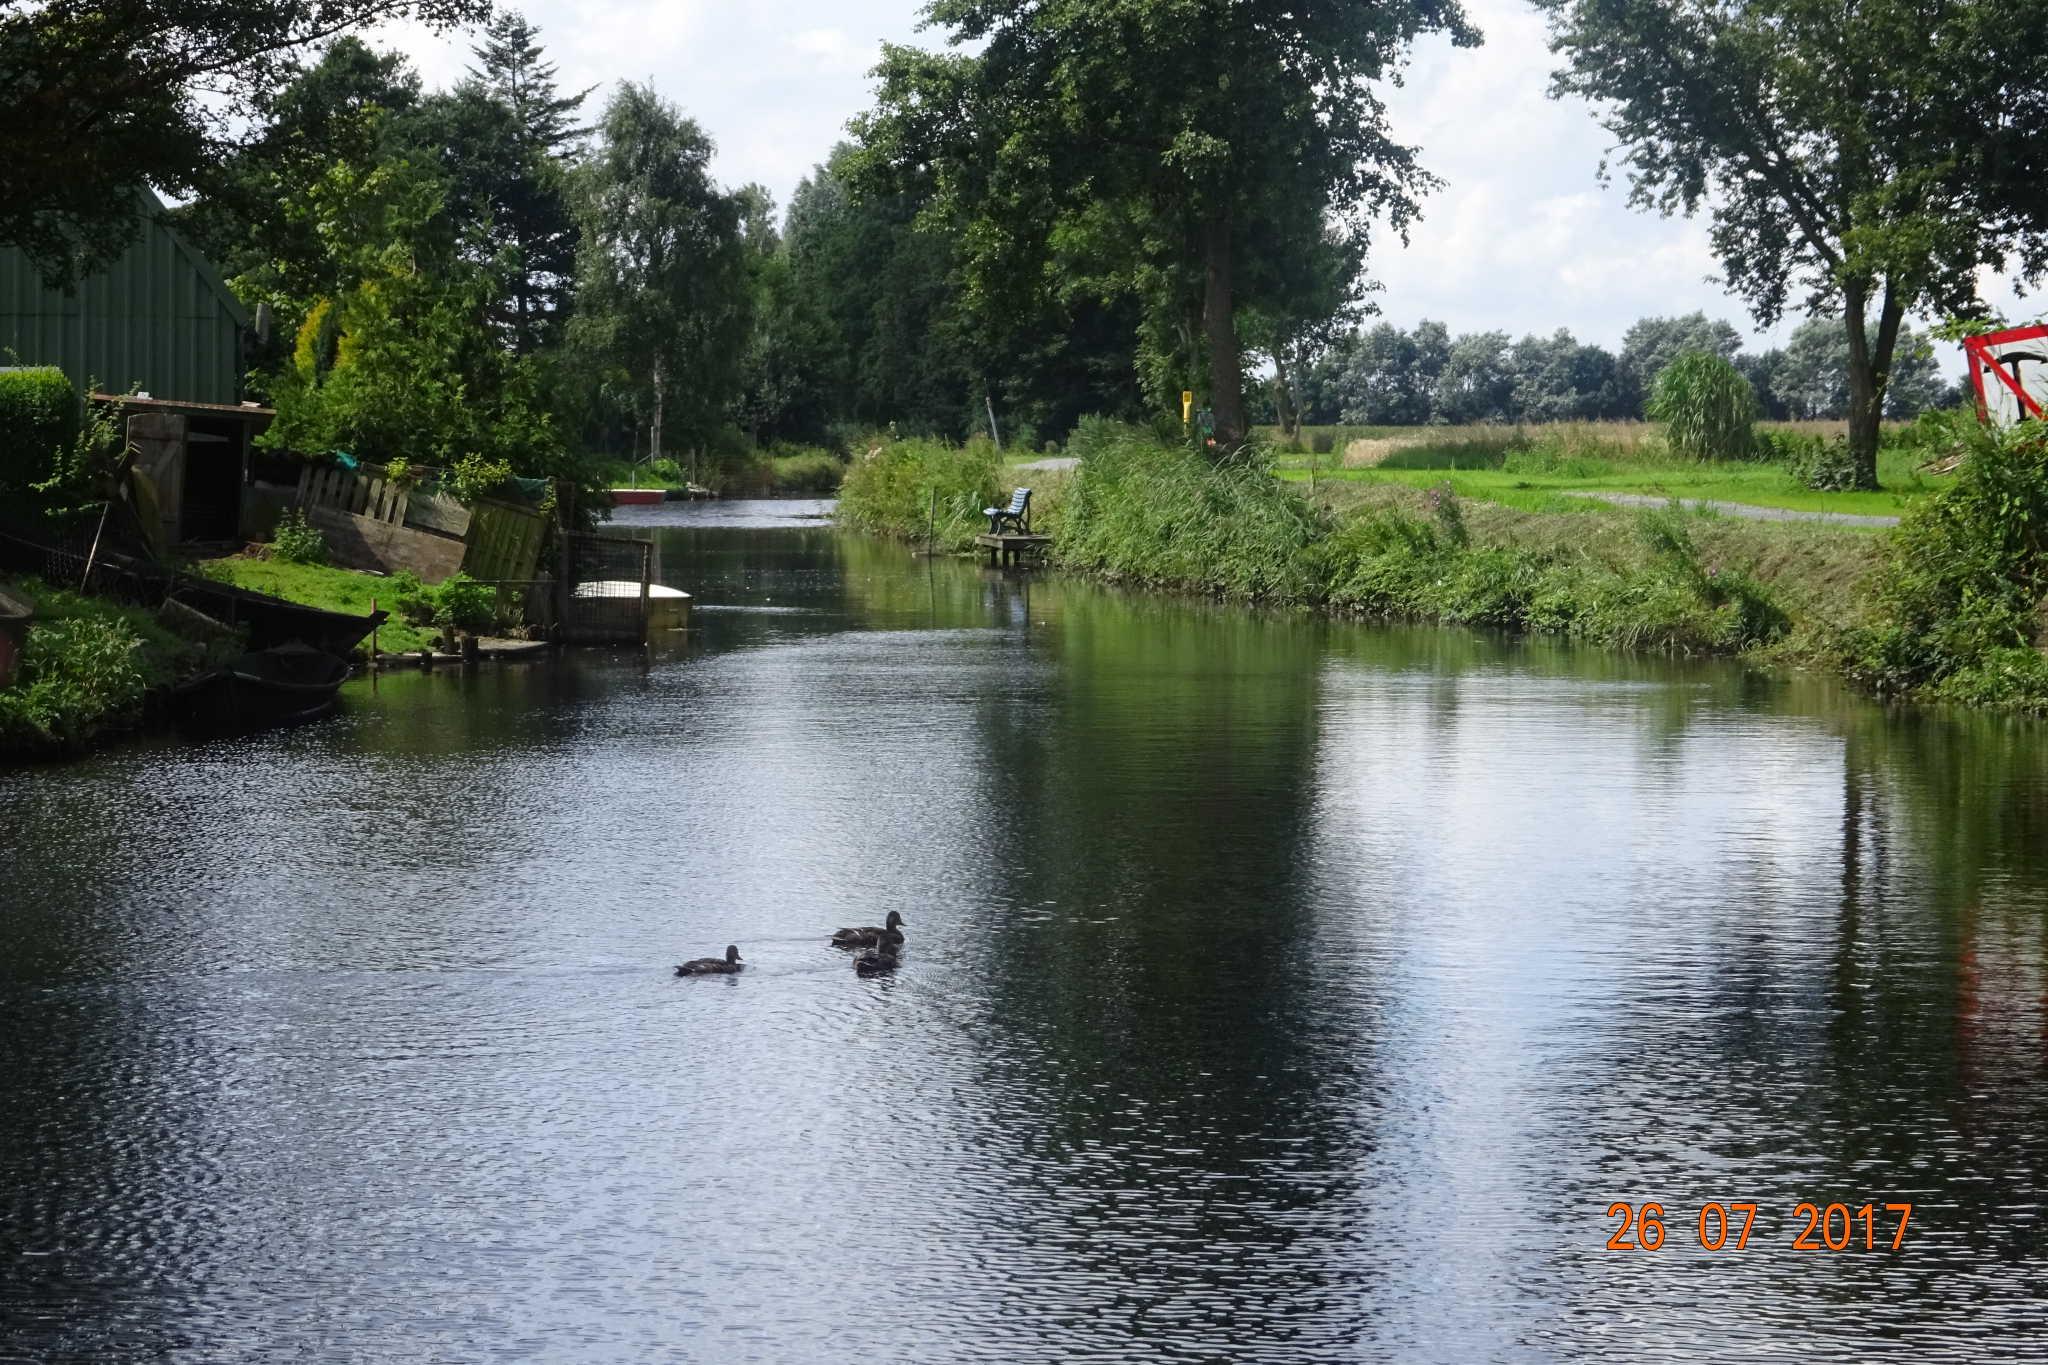 Naturbad in Riepe